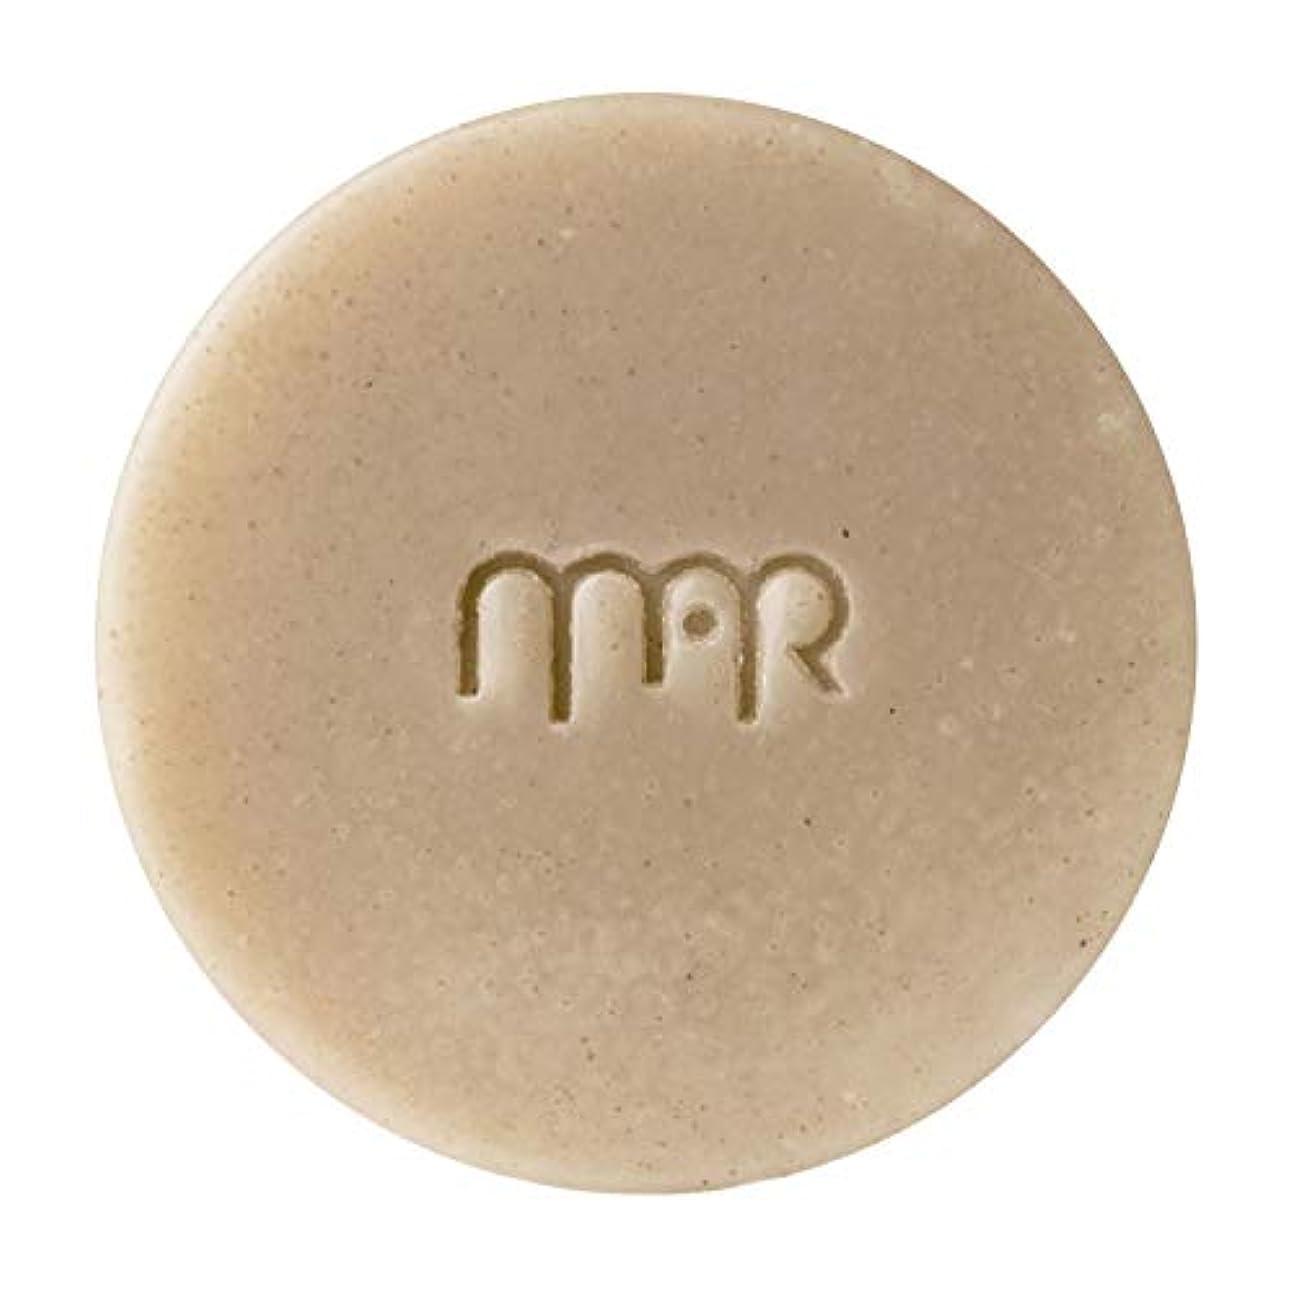 窒素犯罪ジャムマールアペラル (MARapelar) オーガニッククレイ石鹸(大) 80g / 約30日分